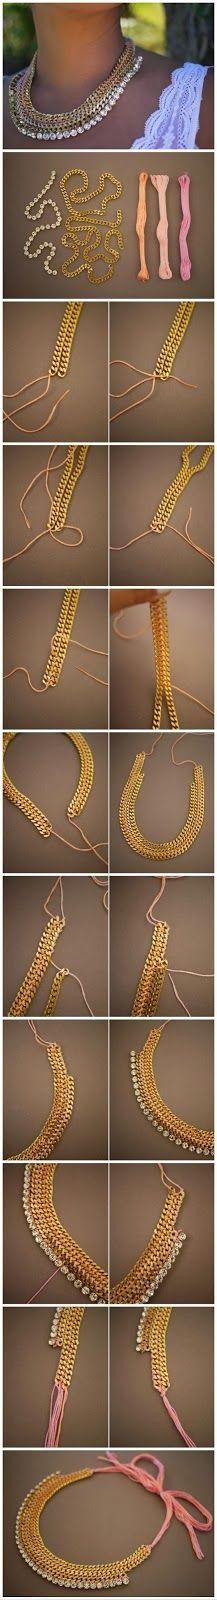 Easy DIY Crafts: DIY Necklace